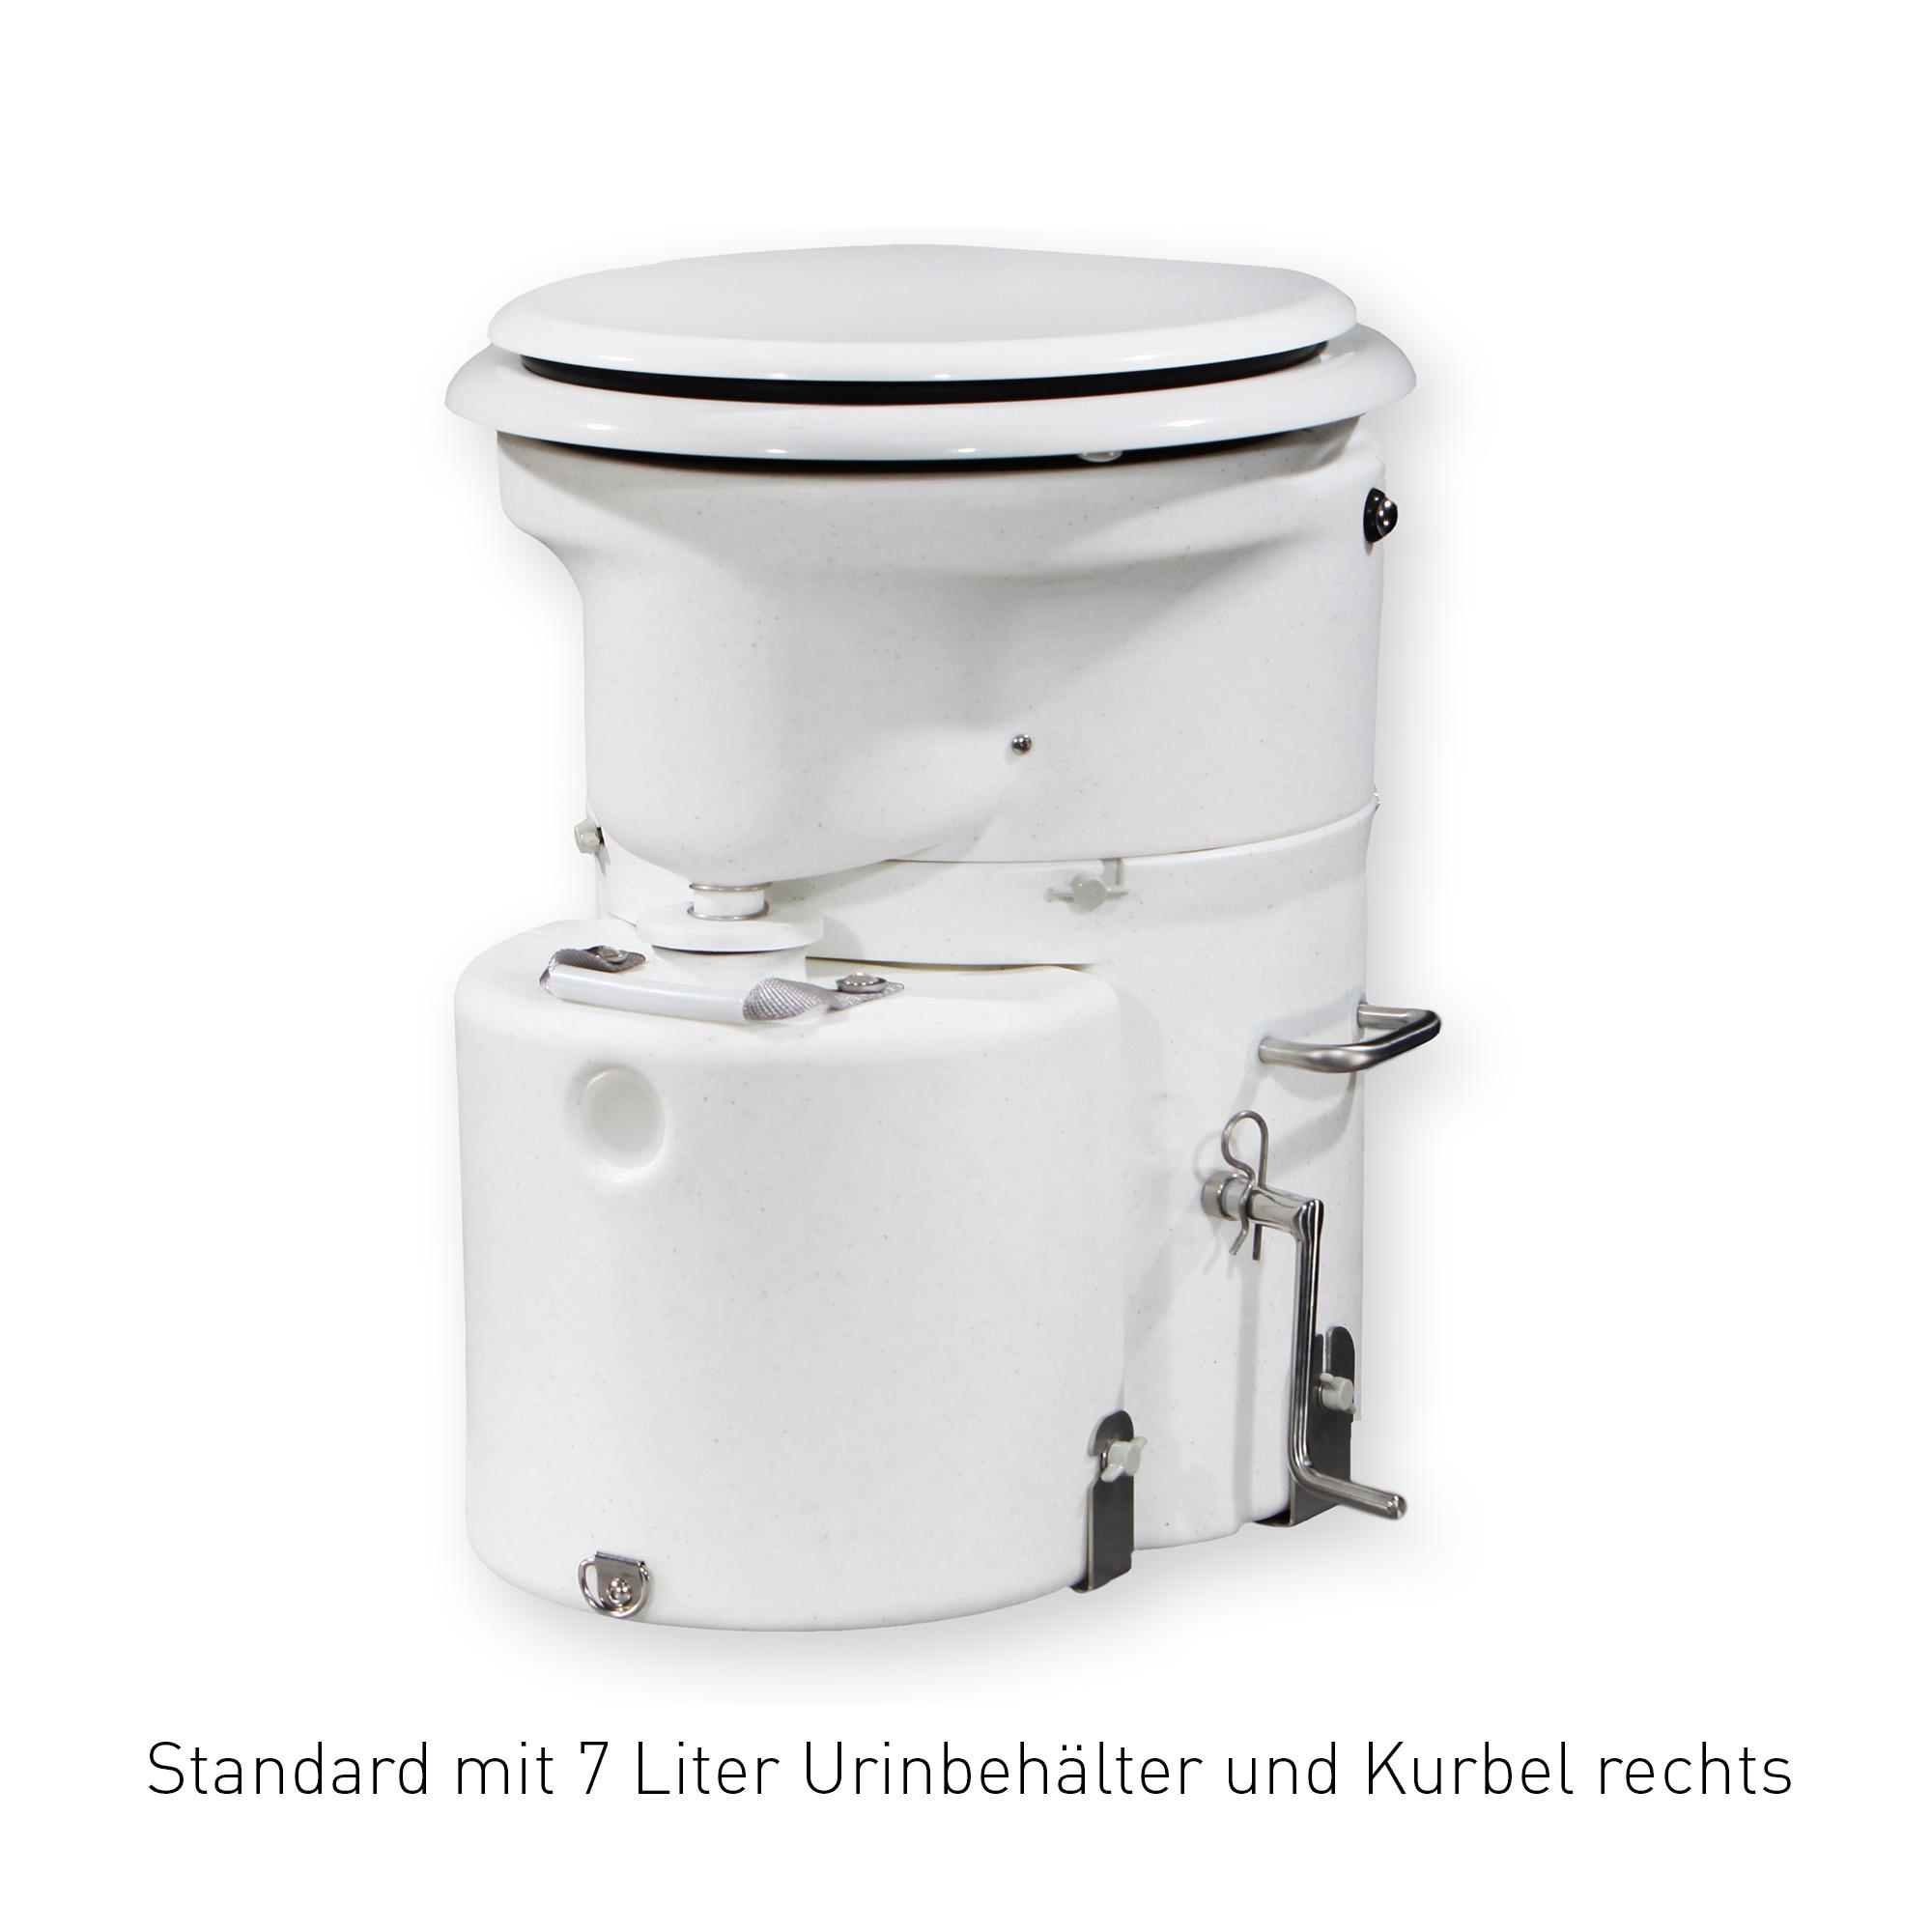 Air Head Trocken Trenn Kompost Toilette für Wohnmobil und Boot